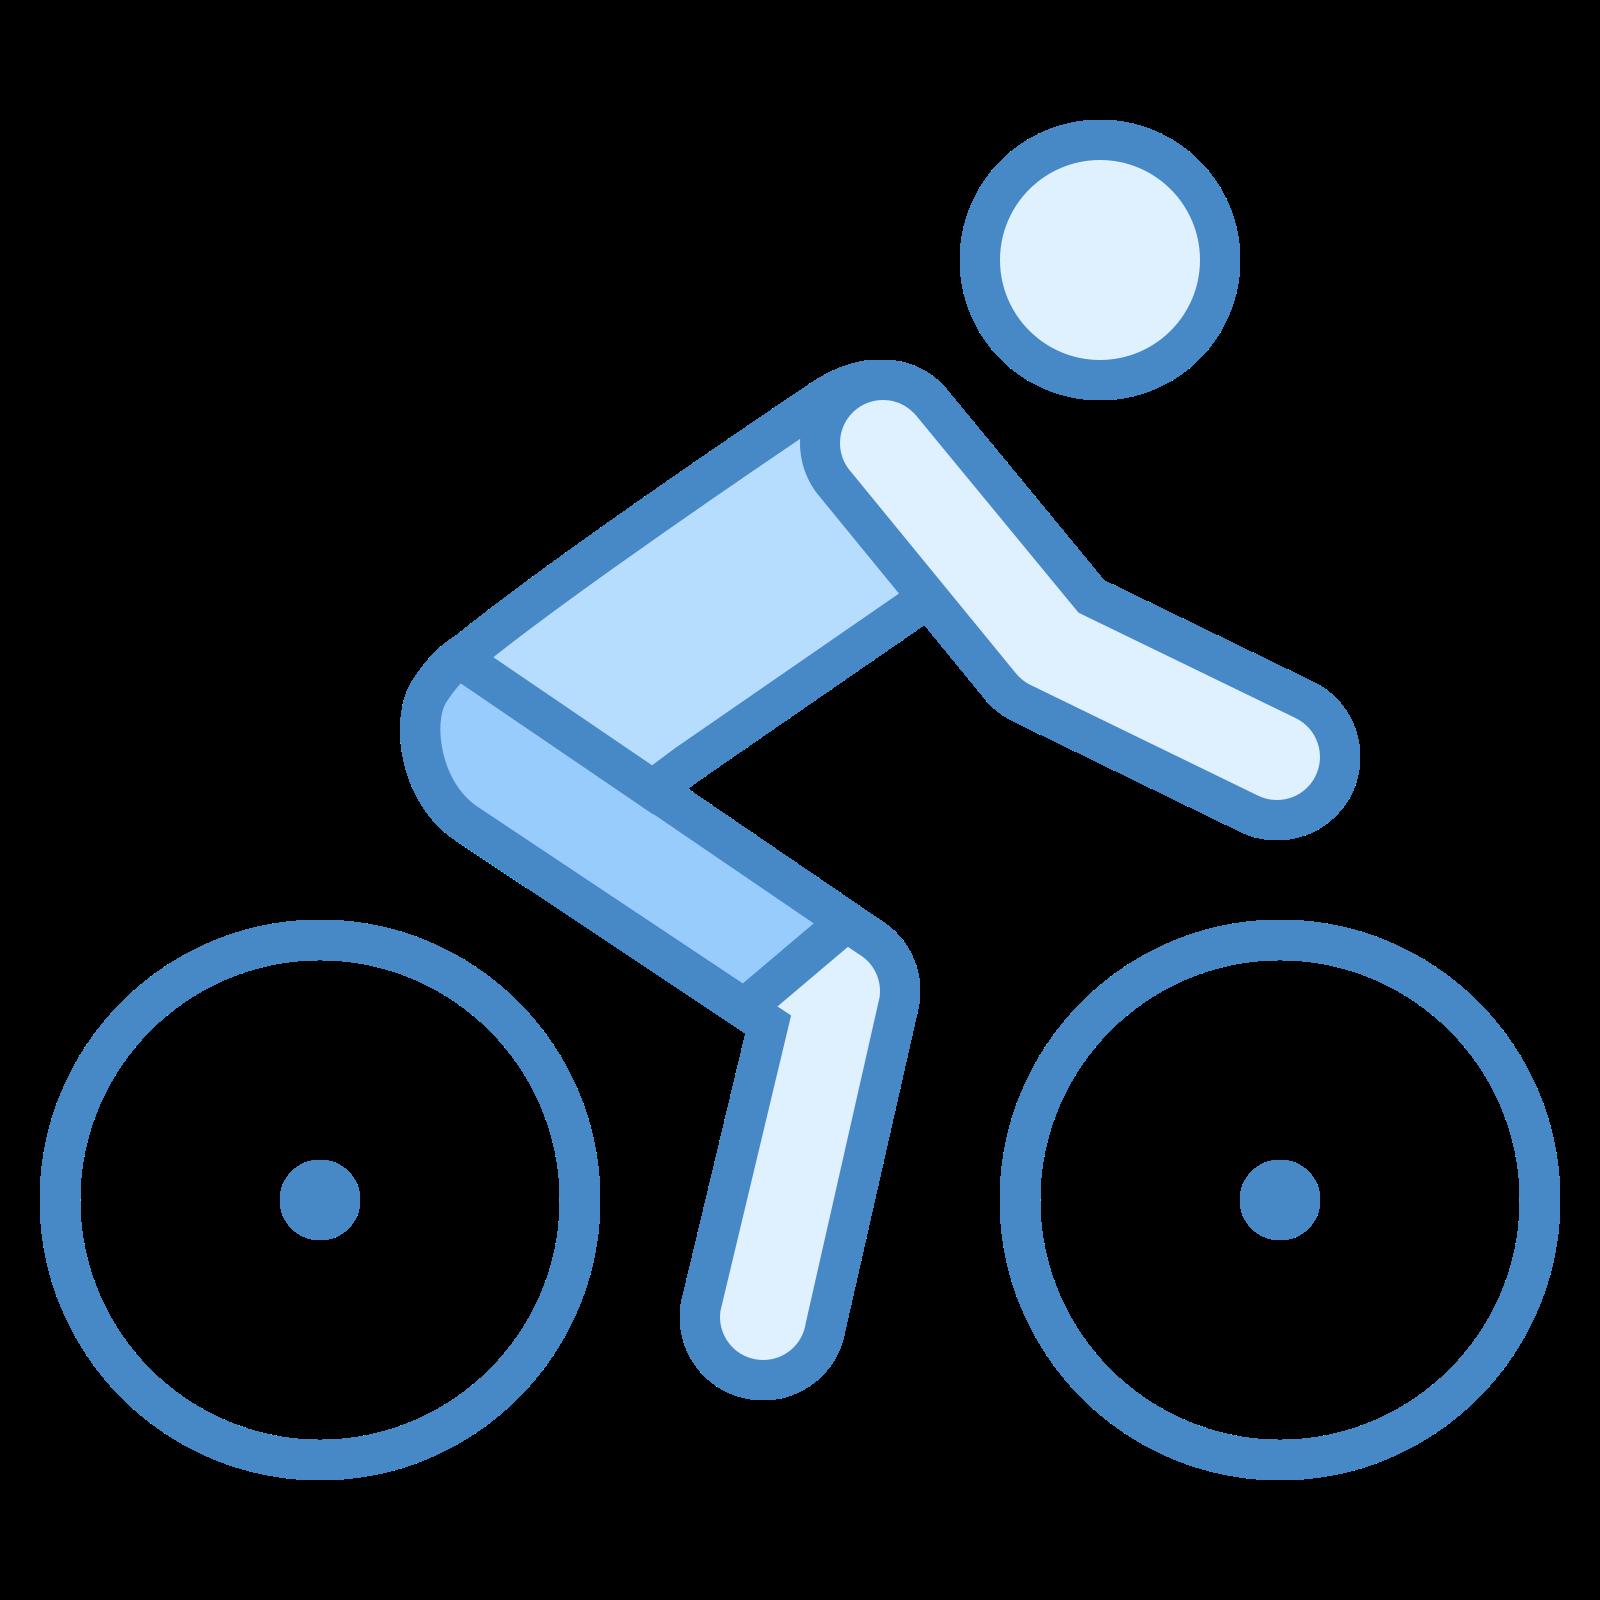 Droga rowerowa icon